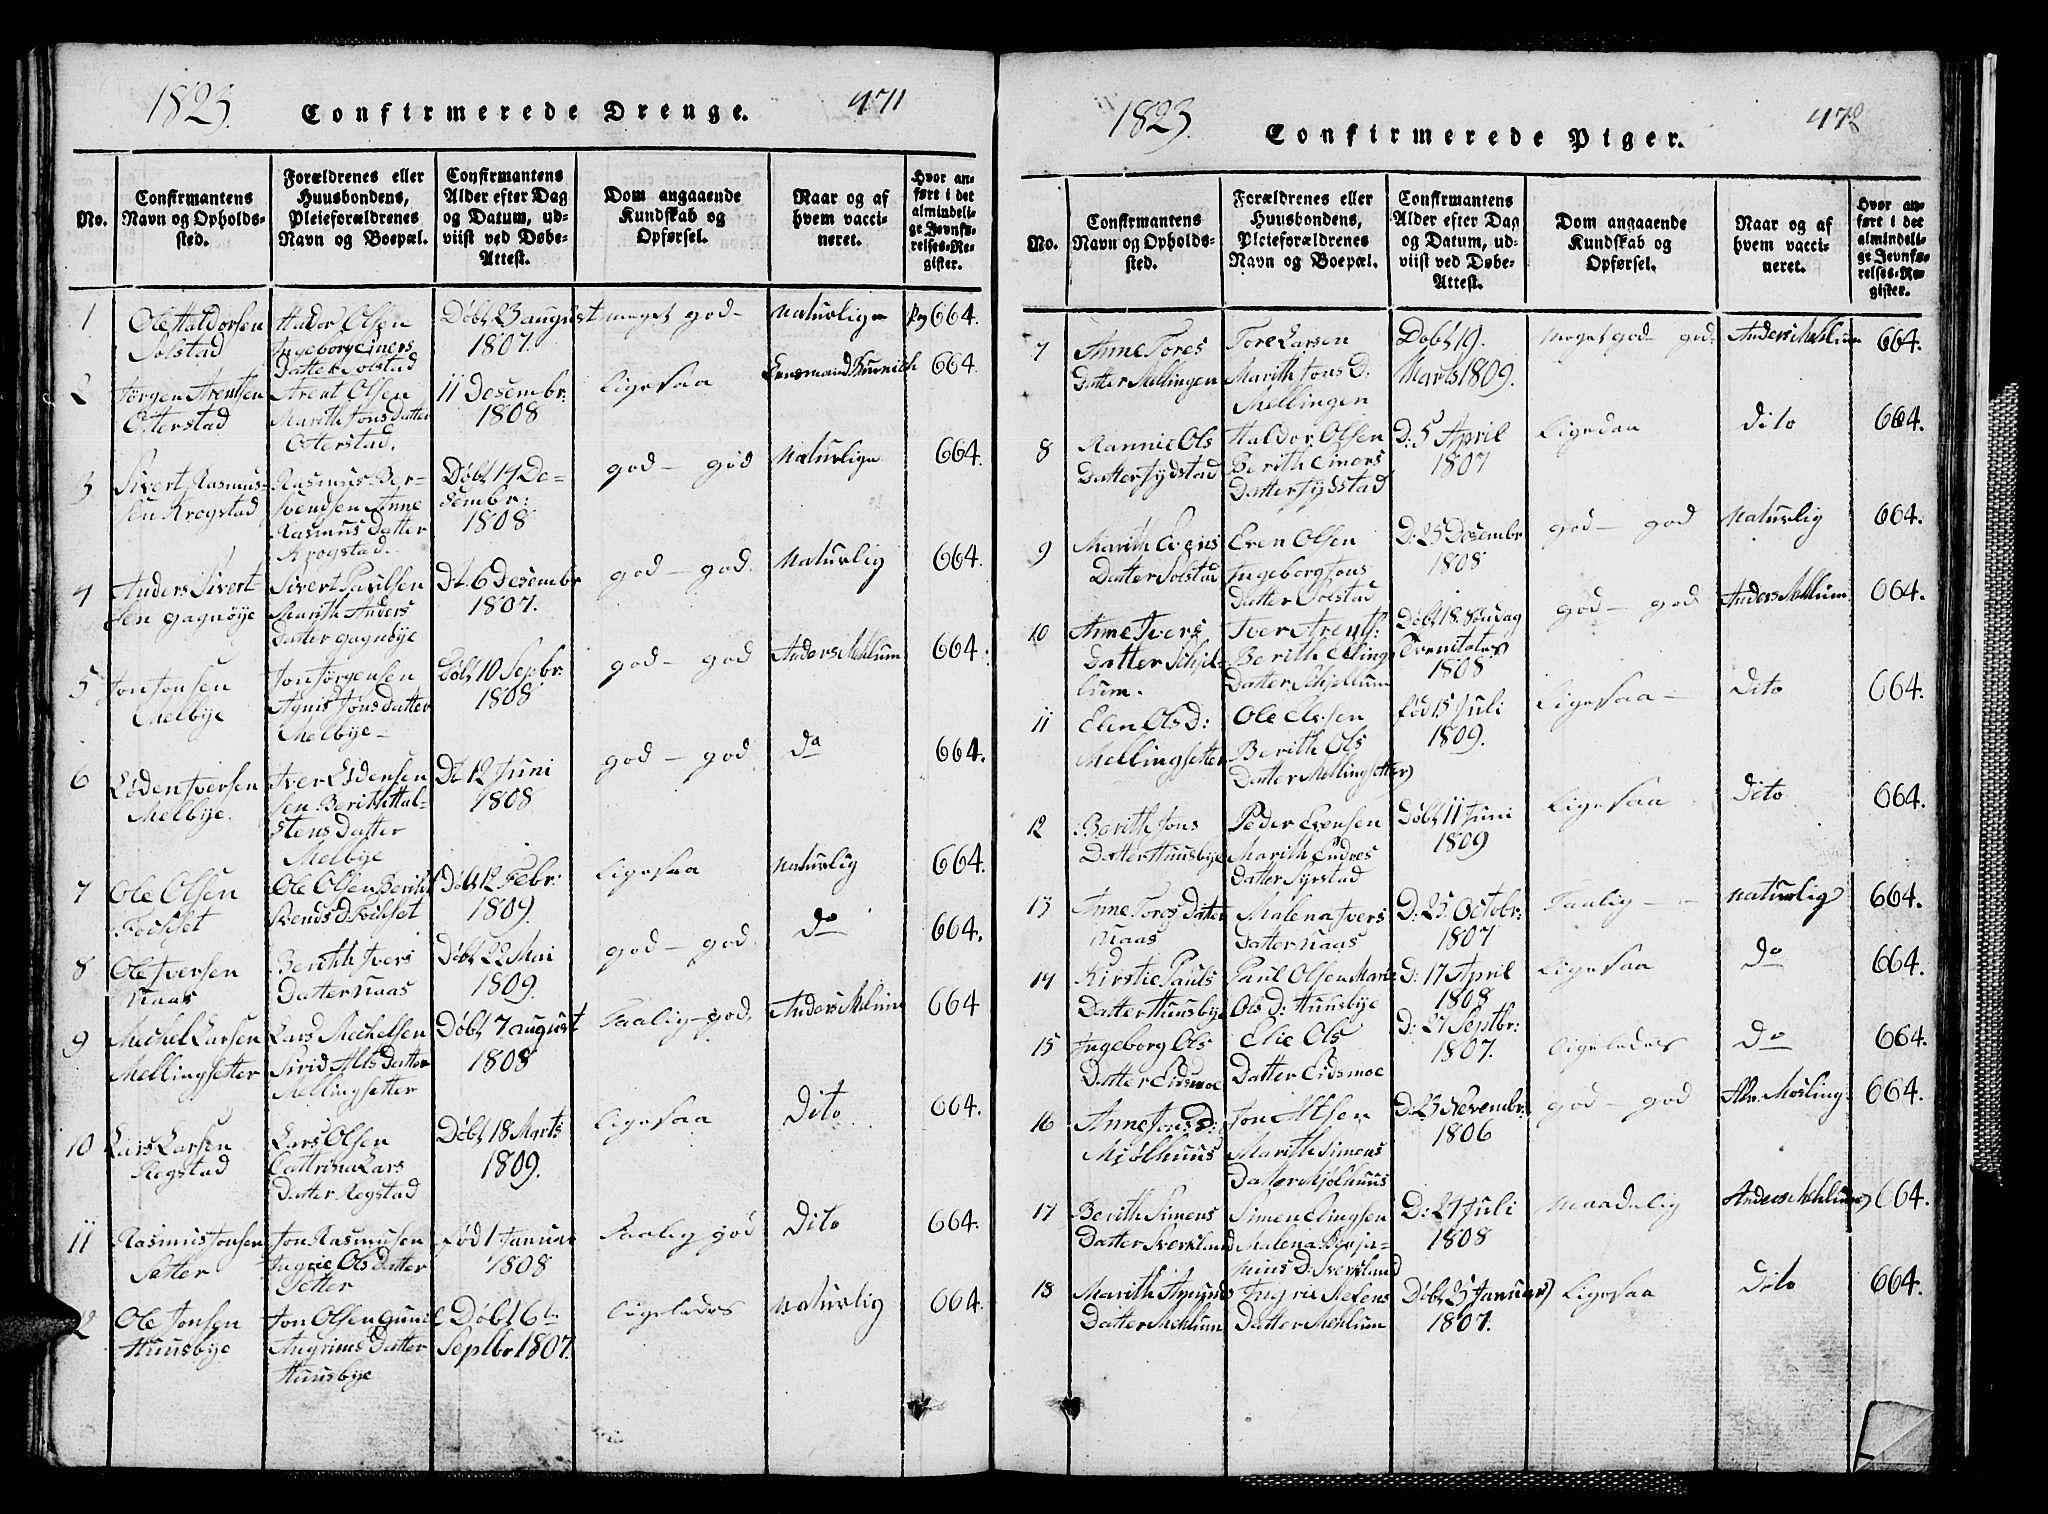 SAT, Ministerialprotokoller, klokkerbøker og fødselsregistre - Sør-Trøndelag, 667/L0796: Klokkerbok nr. 667C01, 1817-1836, s. 471-472